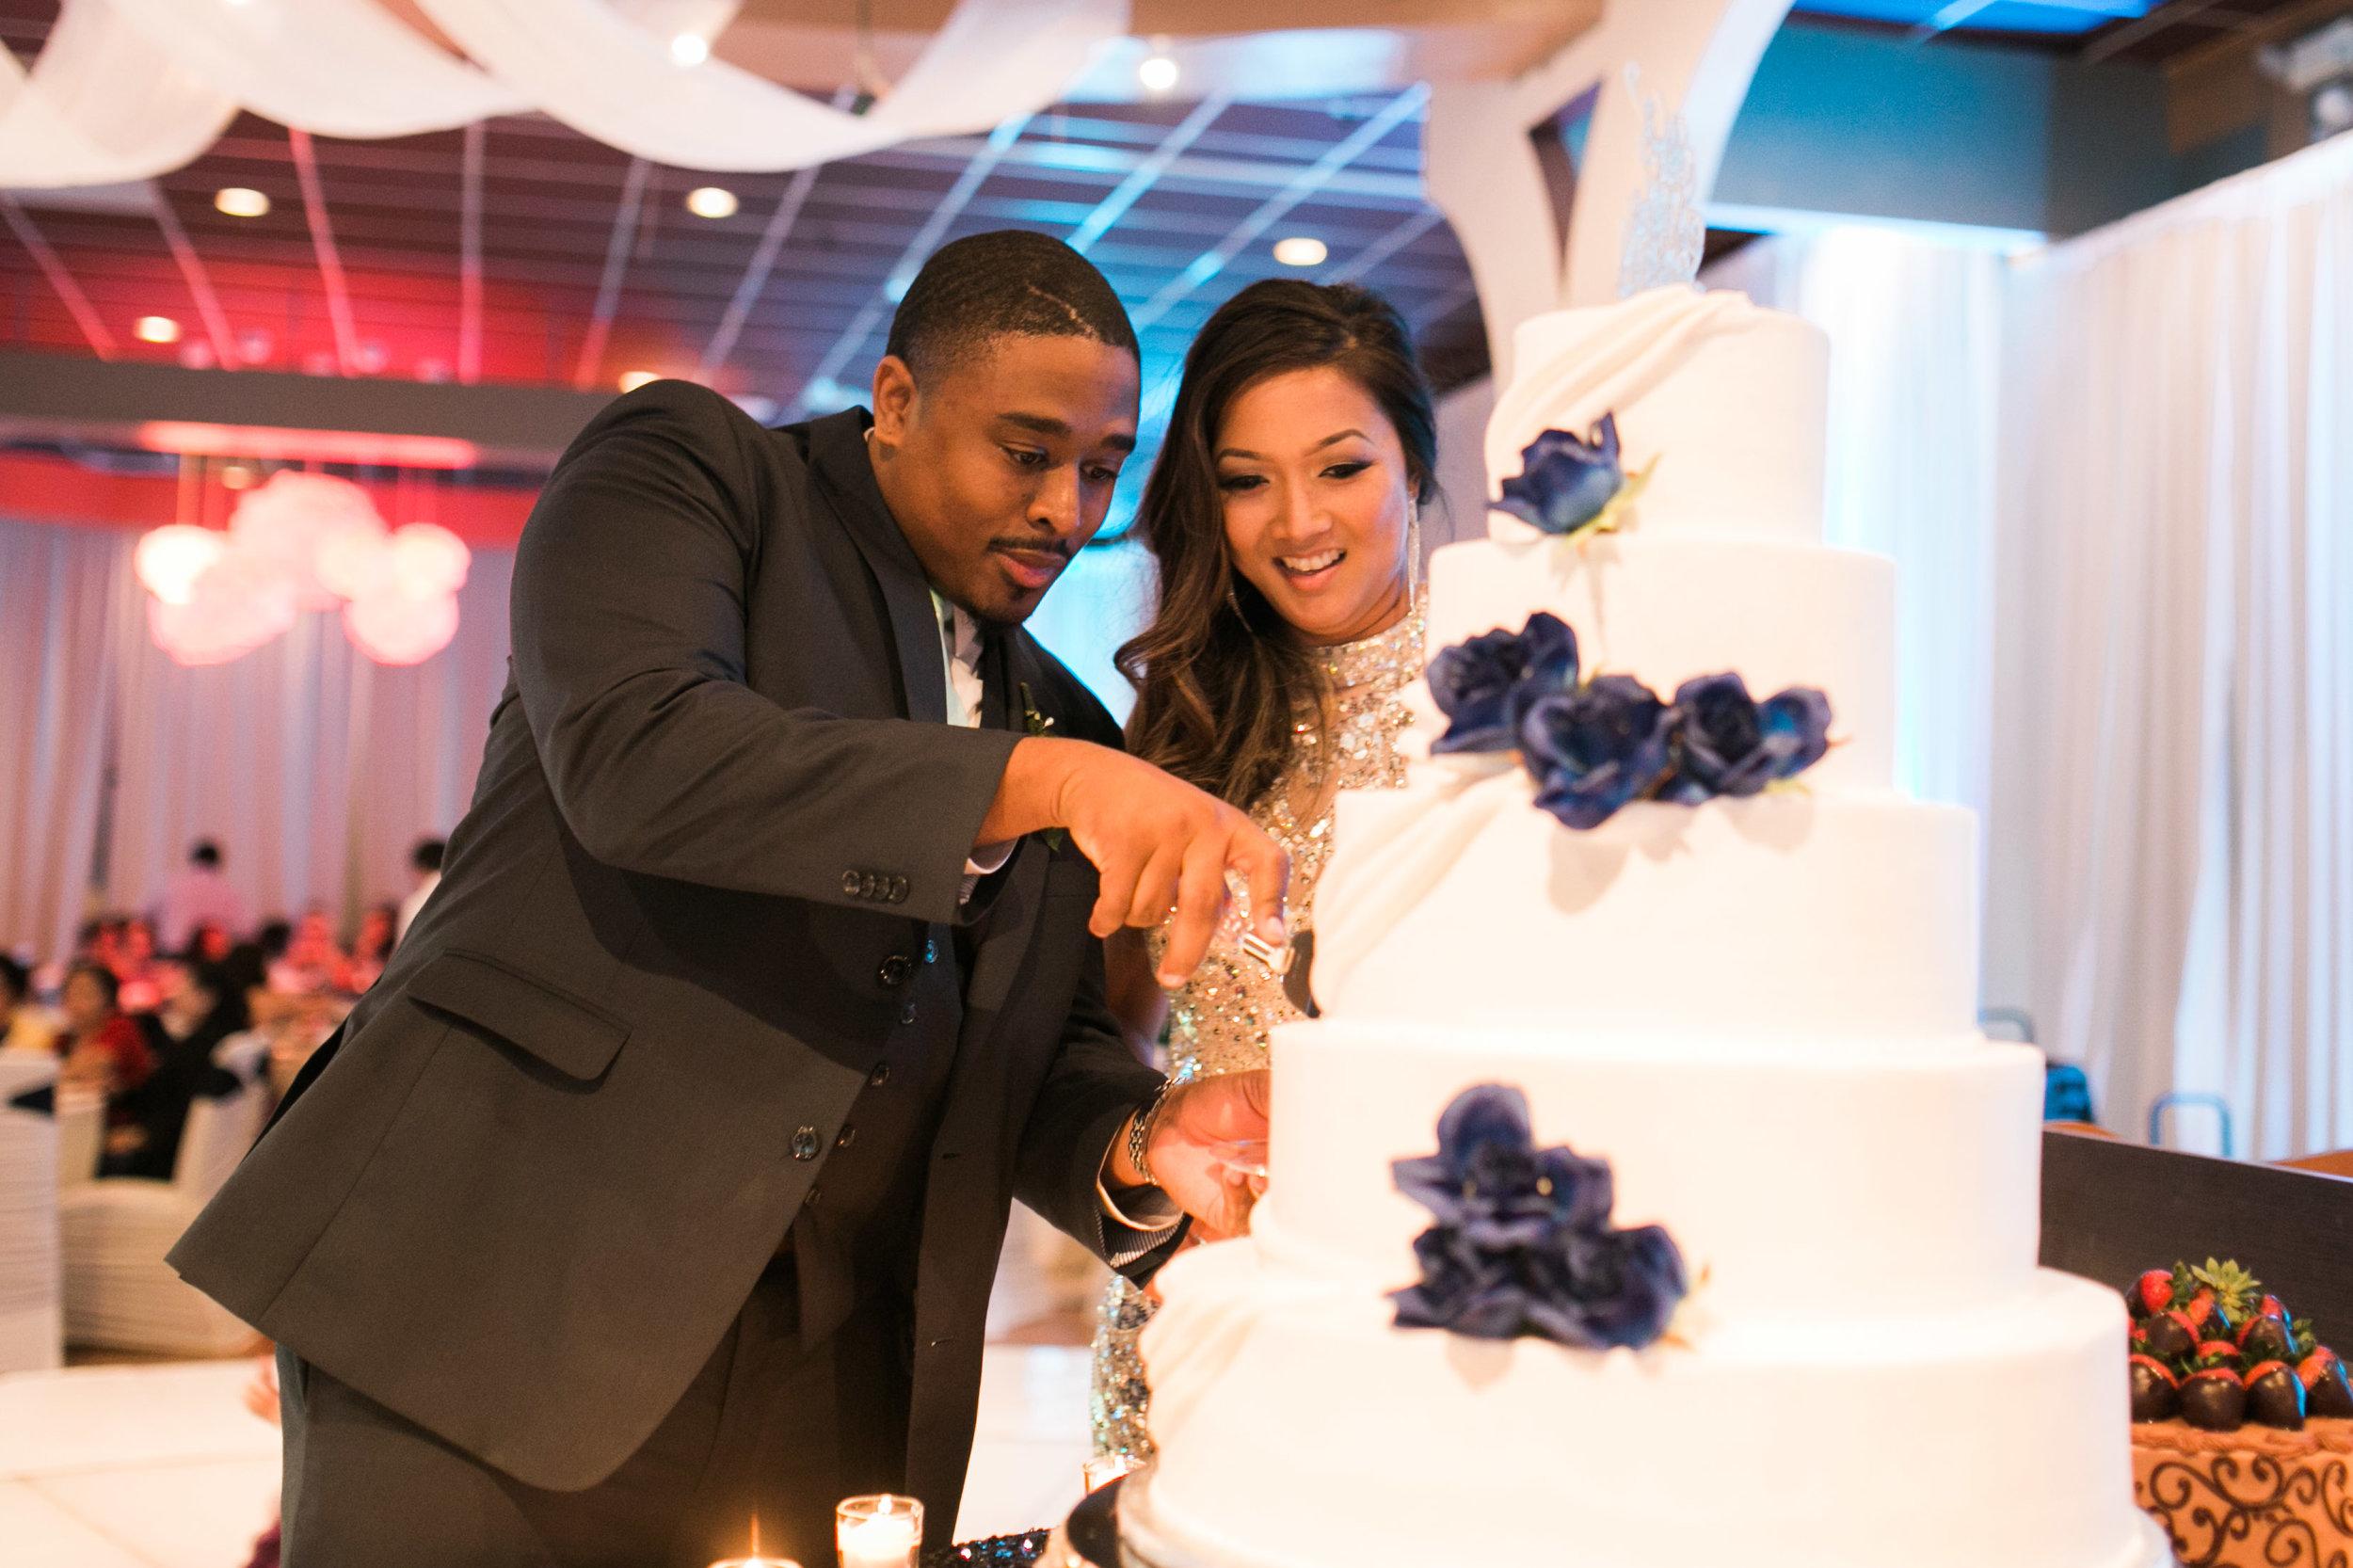 Cut the Cake!